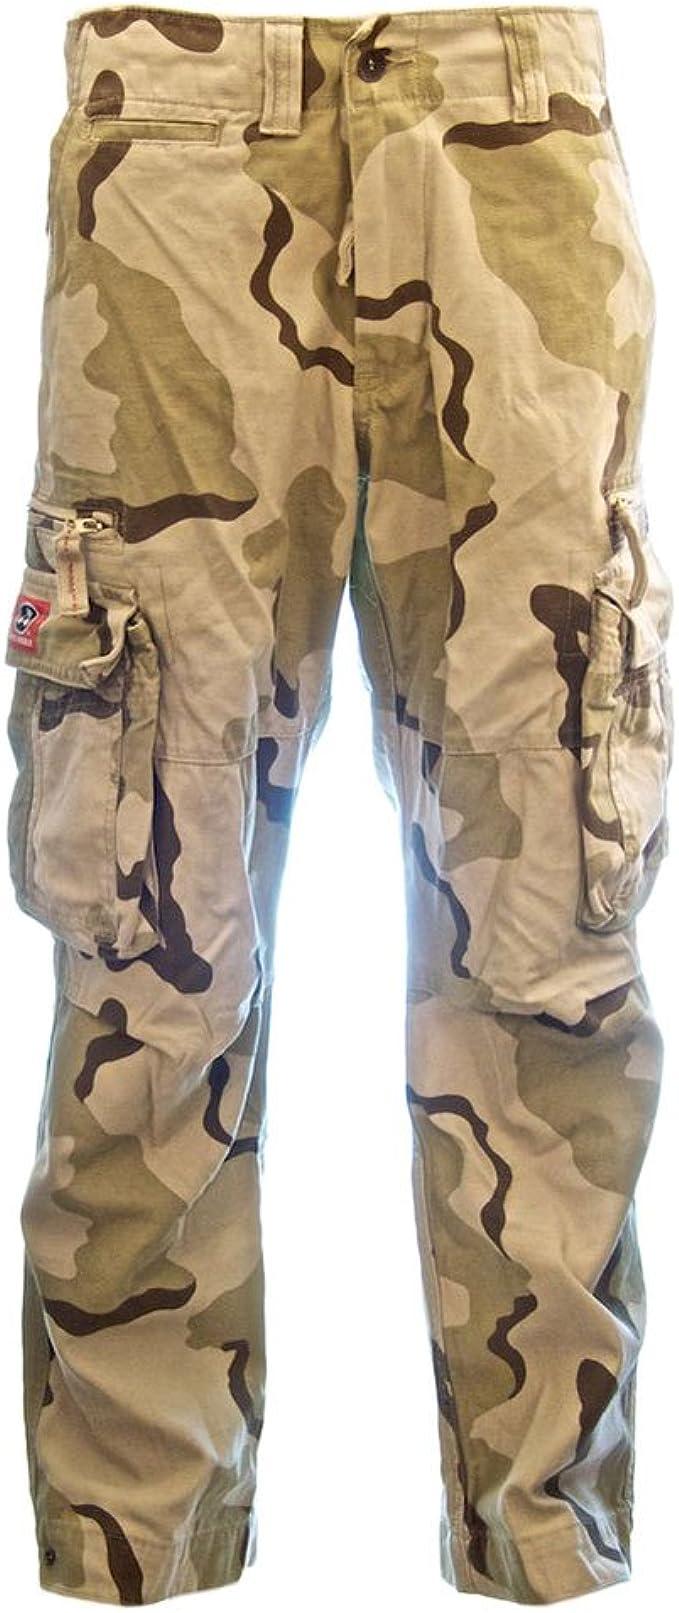 Vanvene pantaloncini da uomo cargo Combat esercito mezzo pantalone da lavoro classico vestibilit/à rilassata pantaloncini in cotone elasticizzato